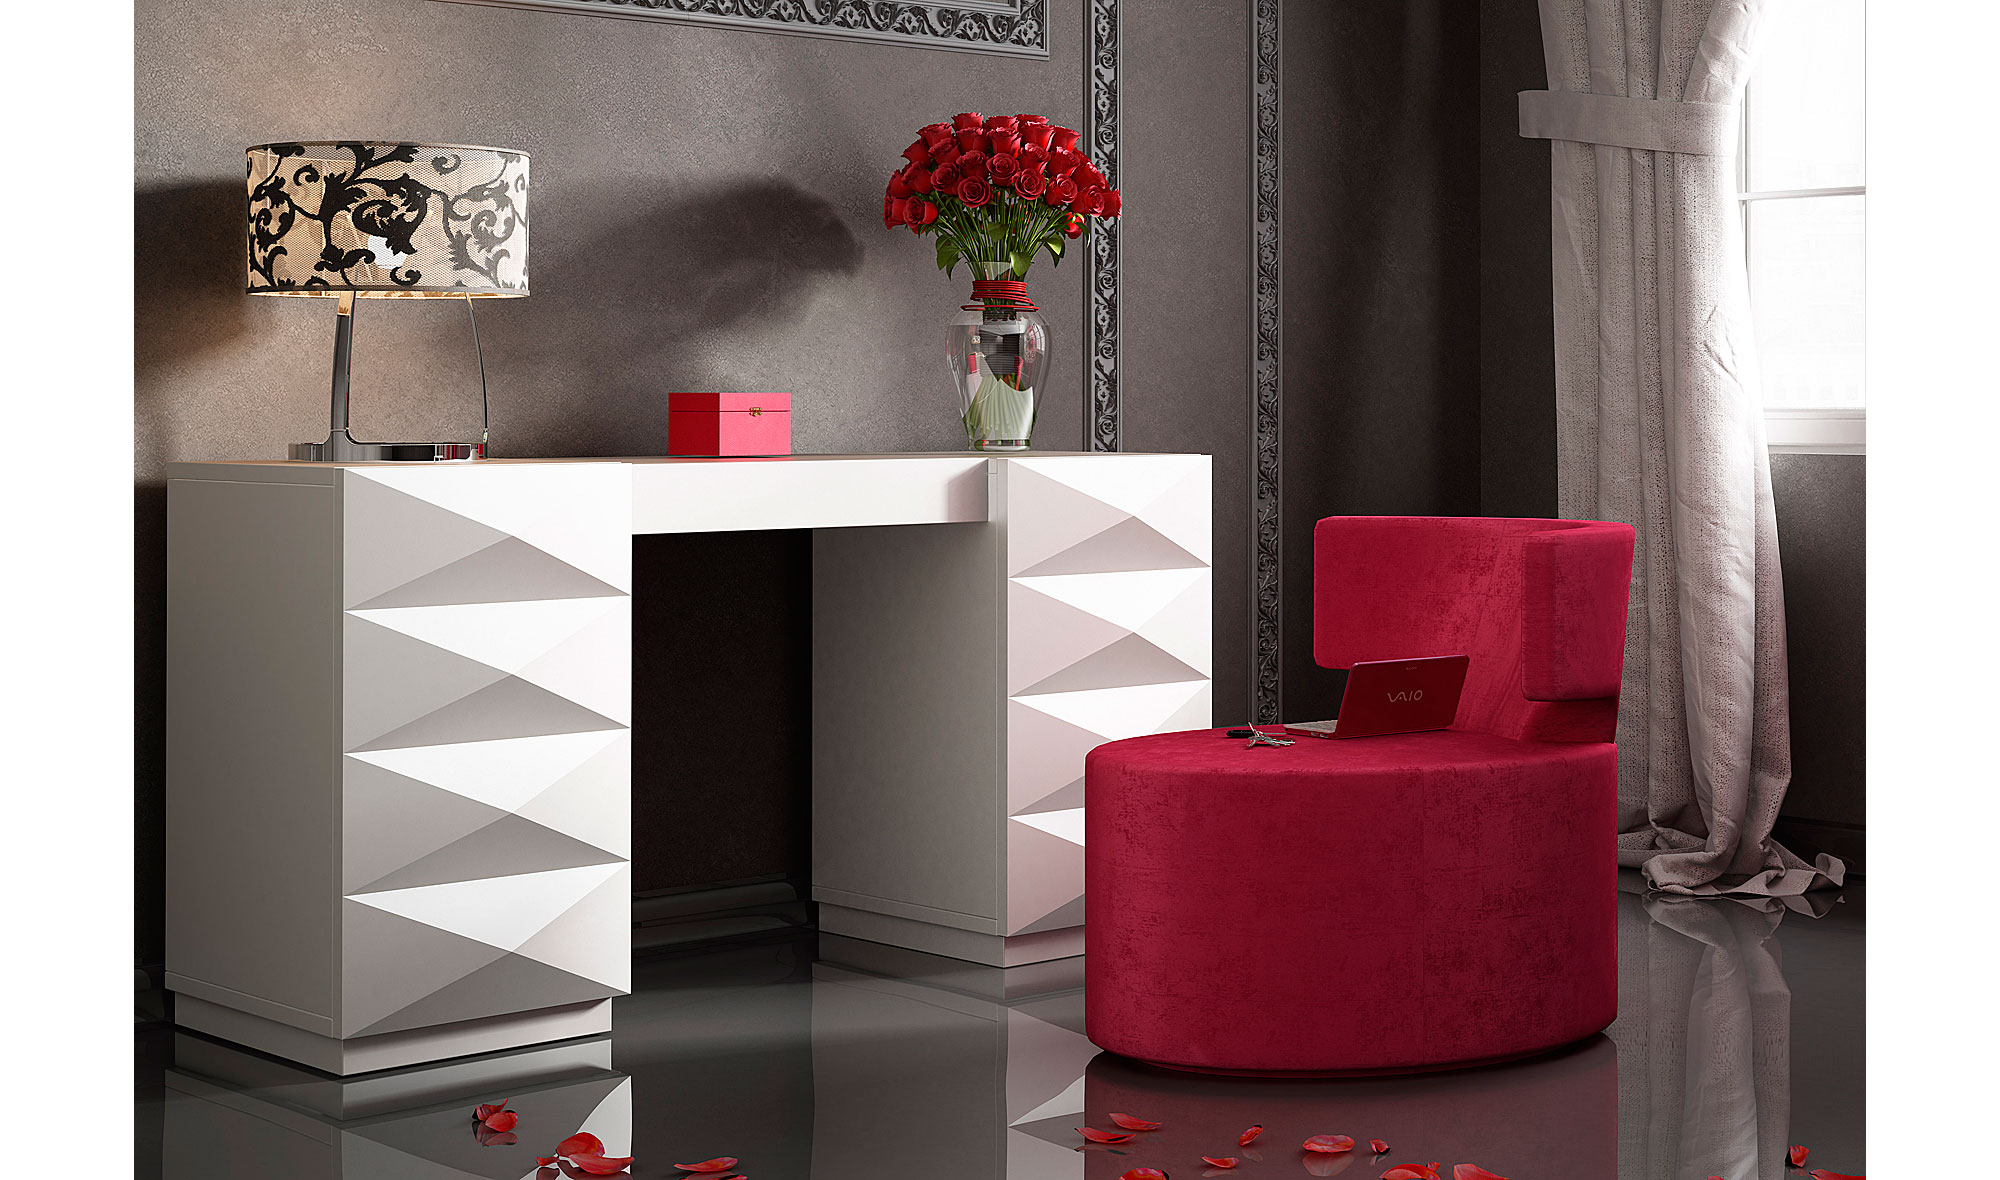 Revista muebles mobiliario de dise o for Mobiliario de diseno